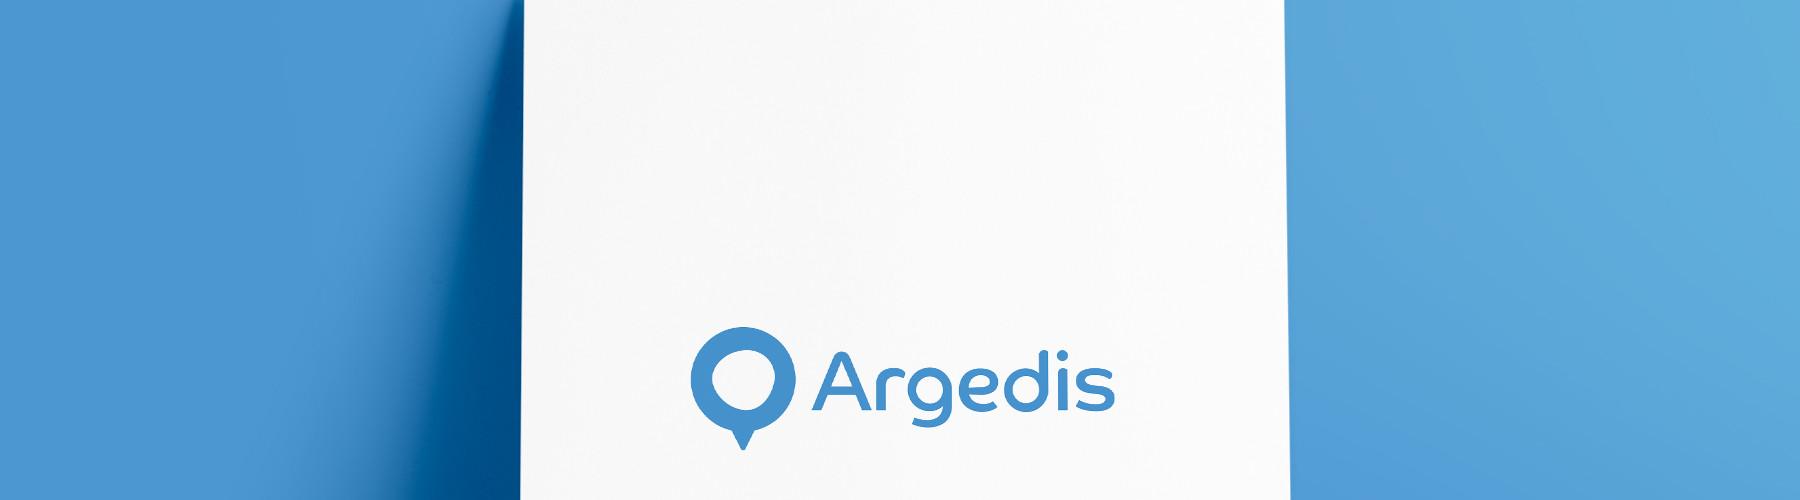 Argedis-header